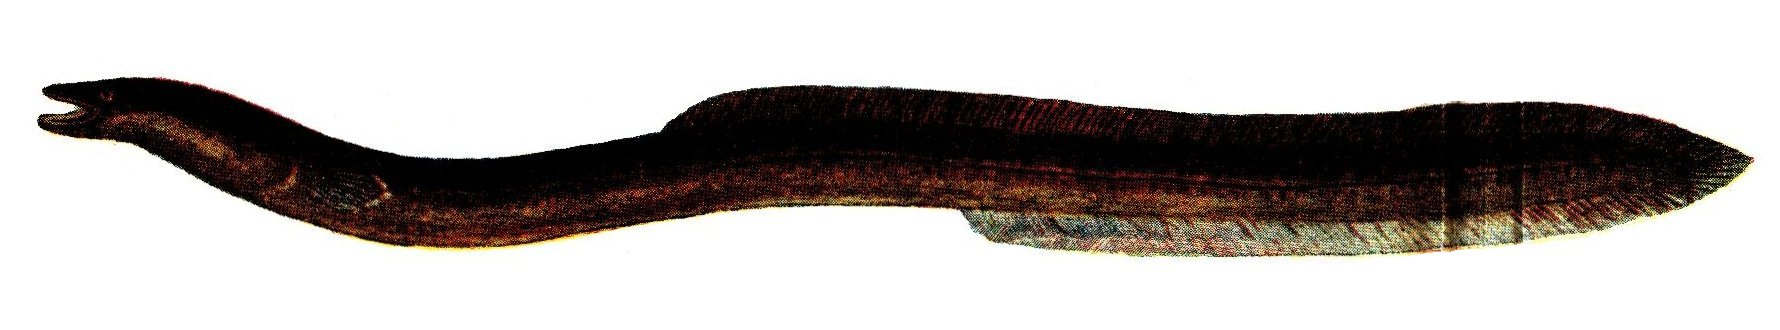 Pike eel wallpaper